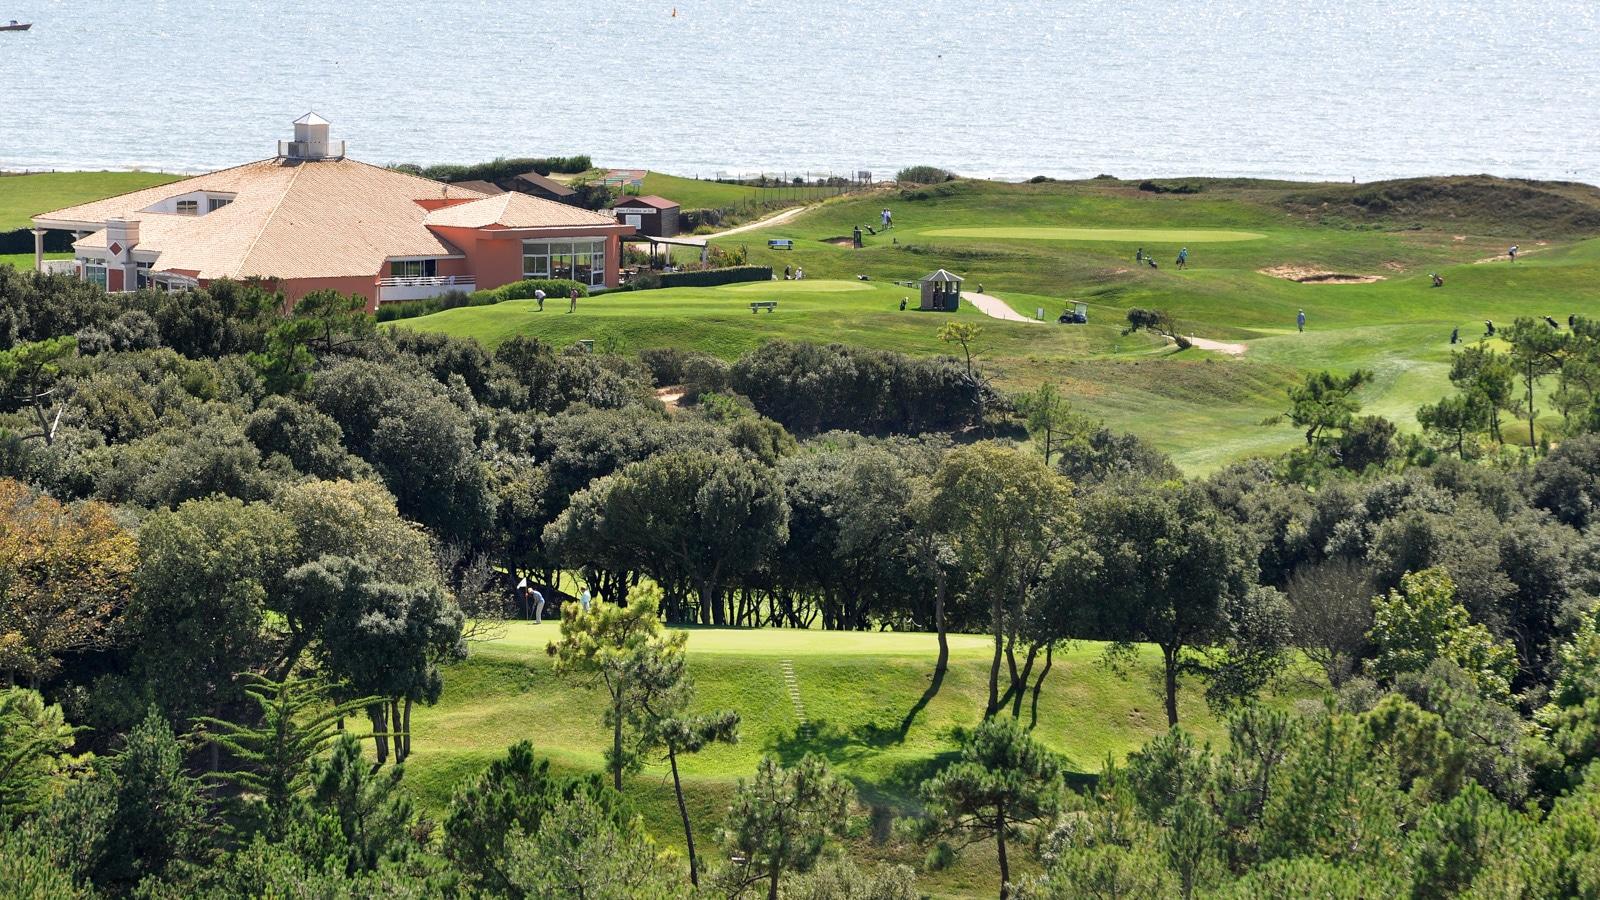 Activités sports et nature - Golf